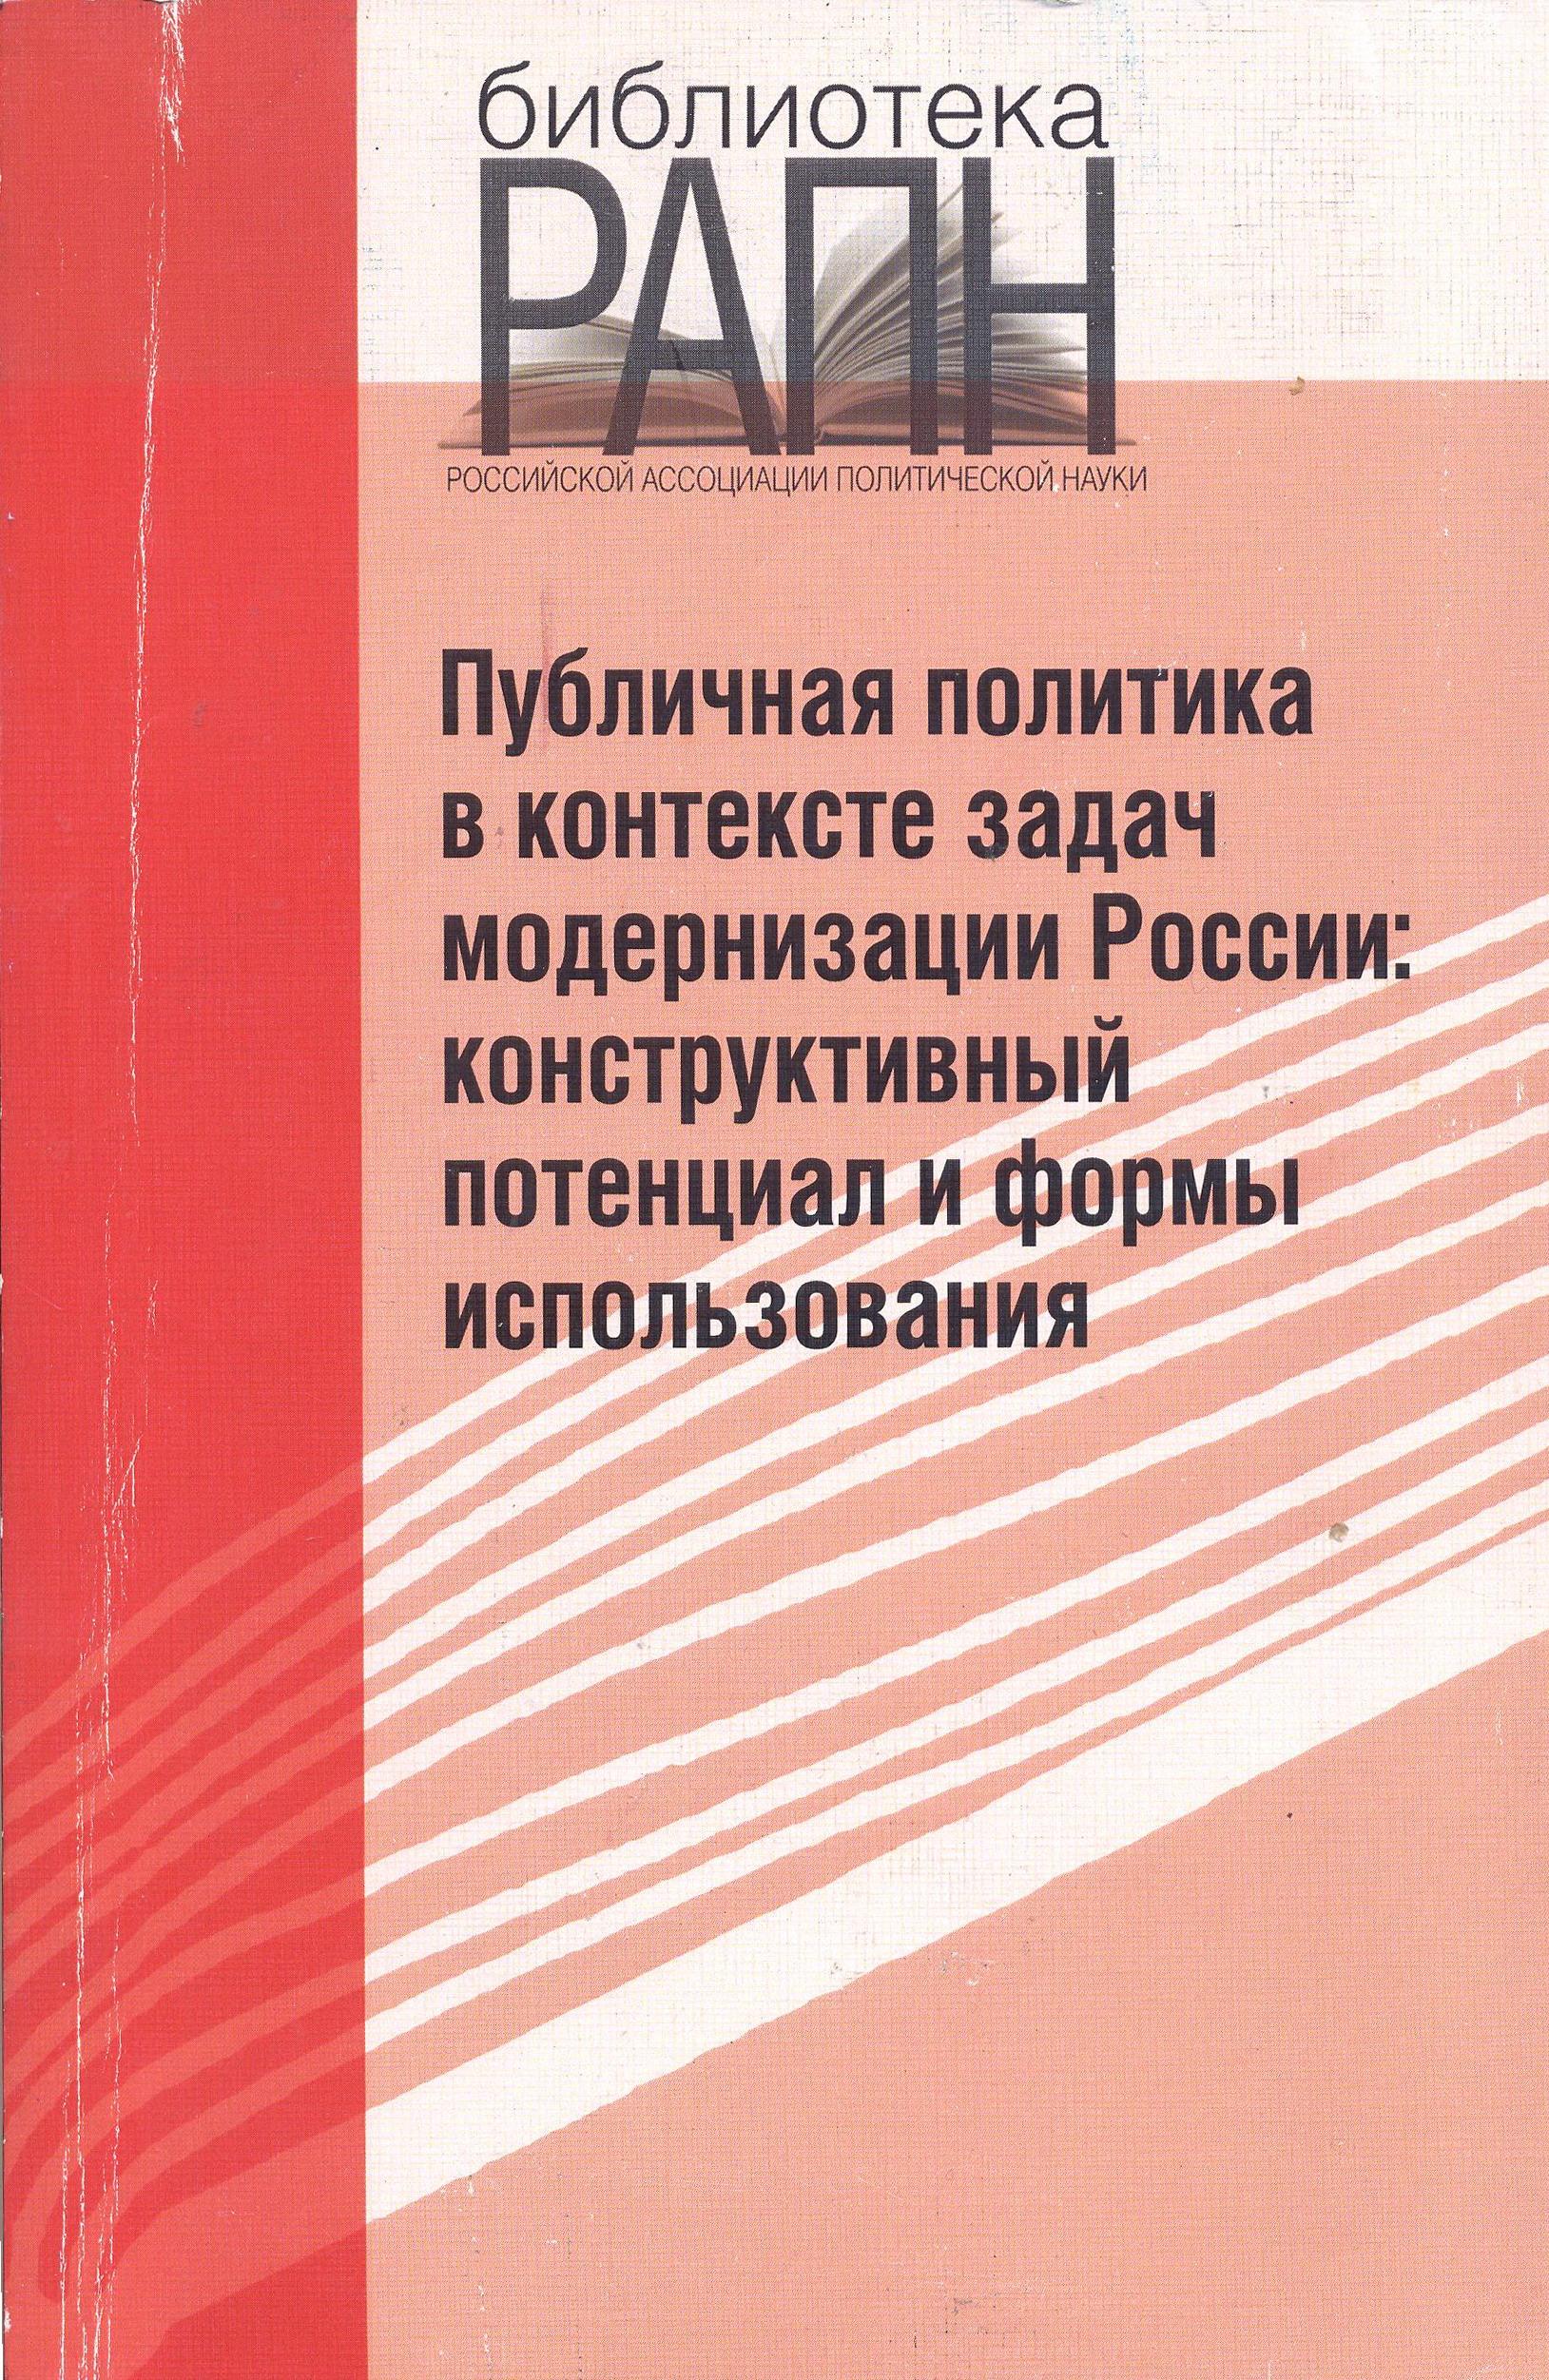 Институты-медиаторы и их роль в развитии публичной политики в современной России